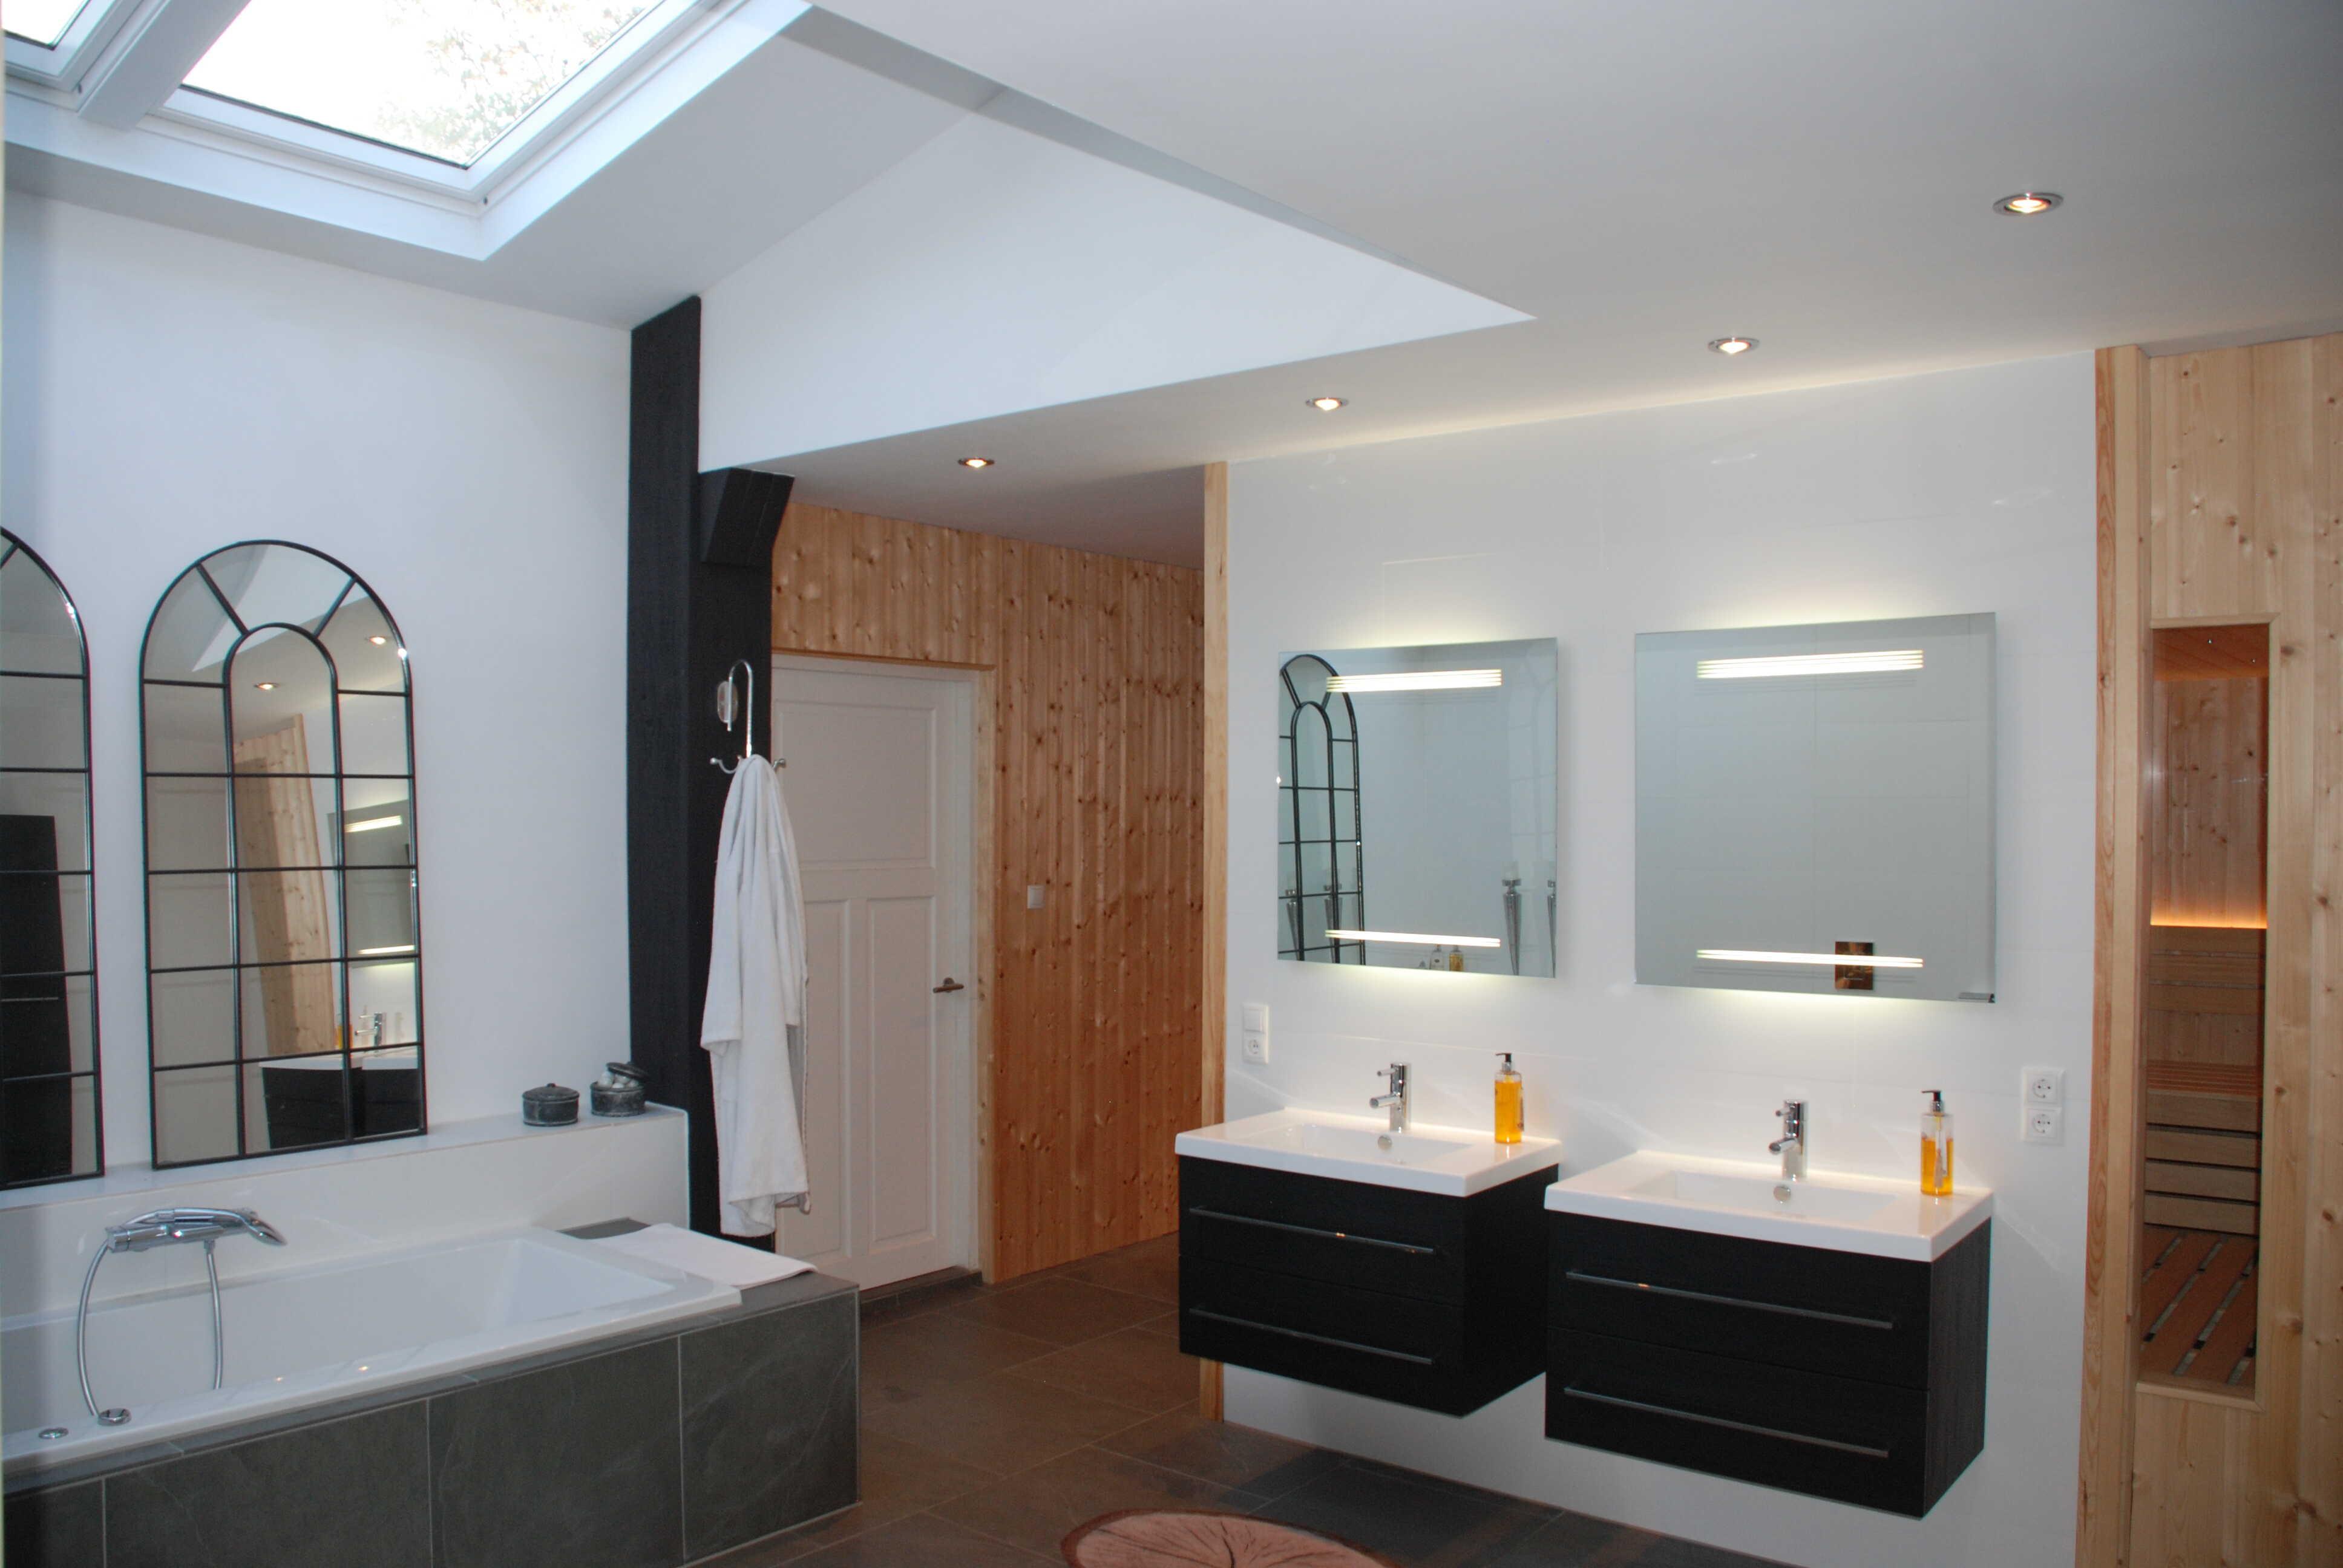 De badkamer na verbouwing